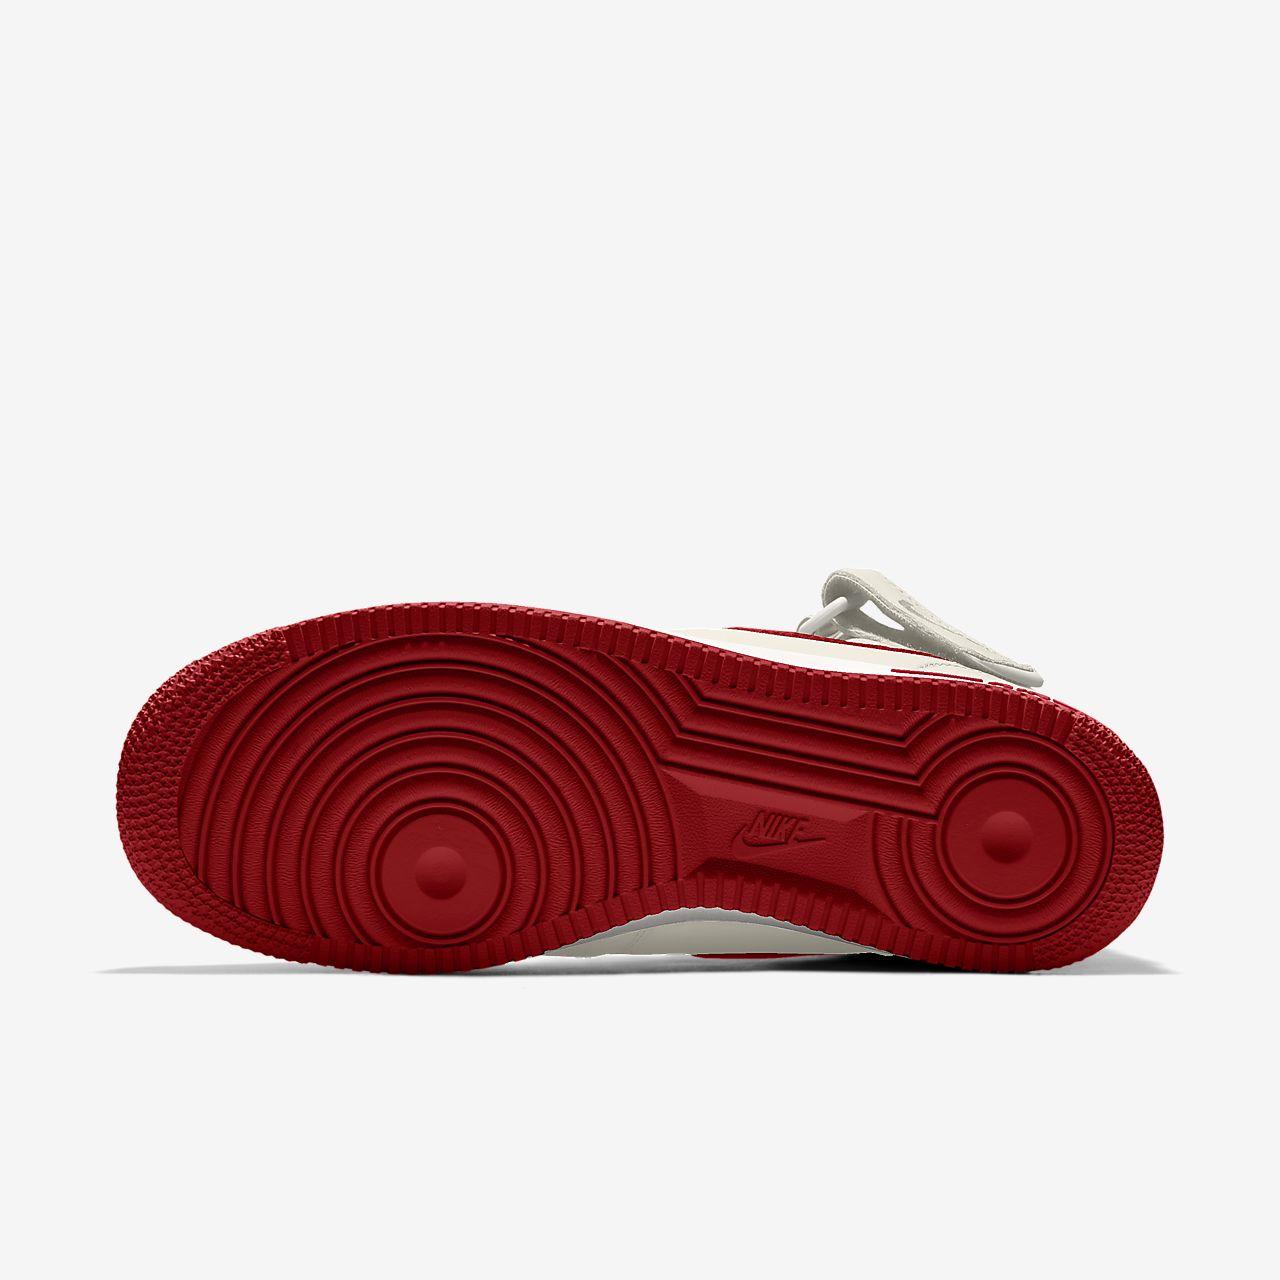 Nike Air Force 1 Mid By You Custom Big Kids' Shoe